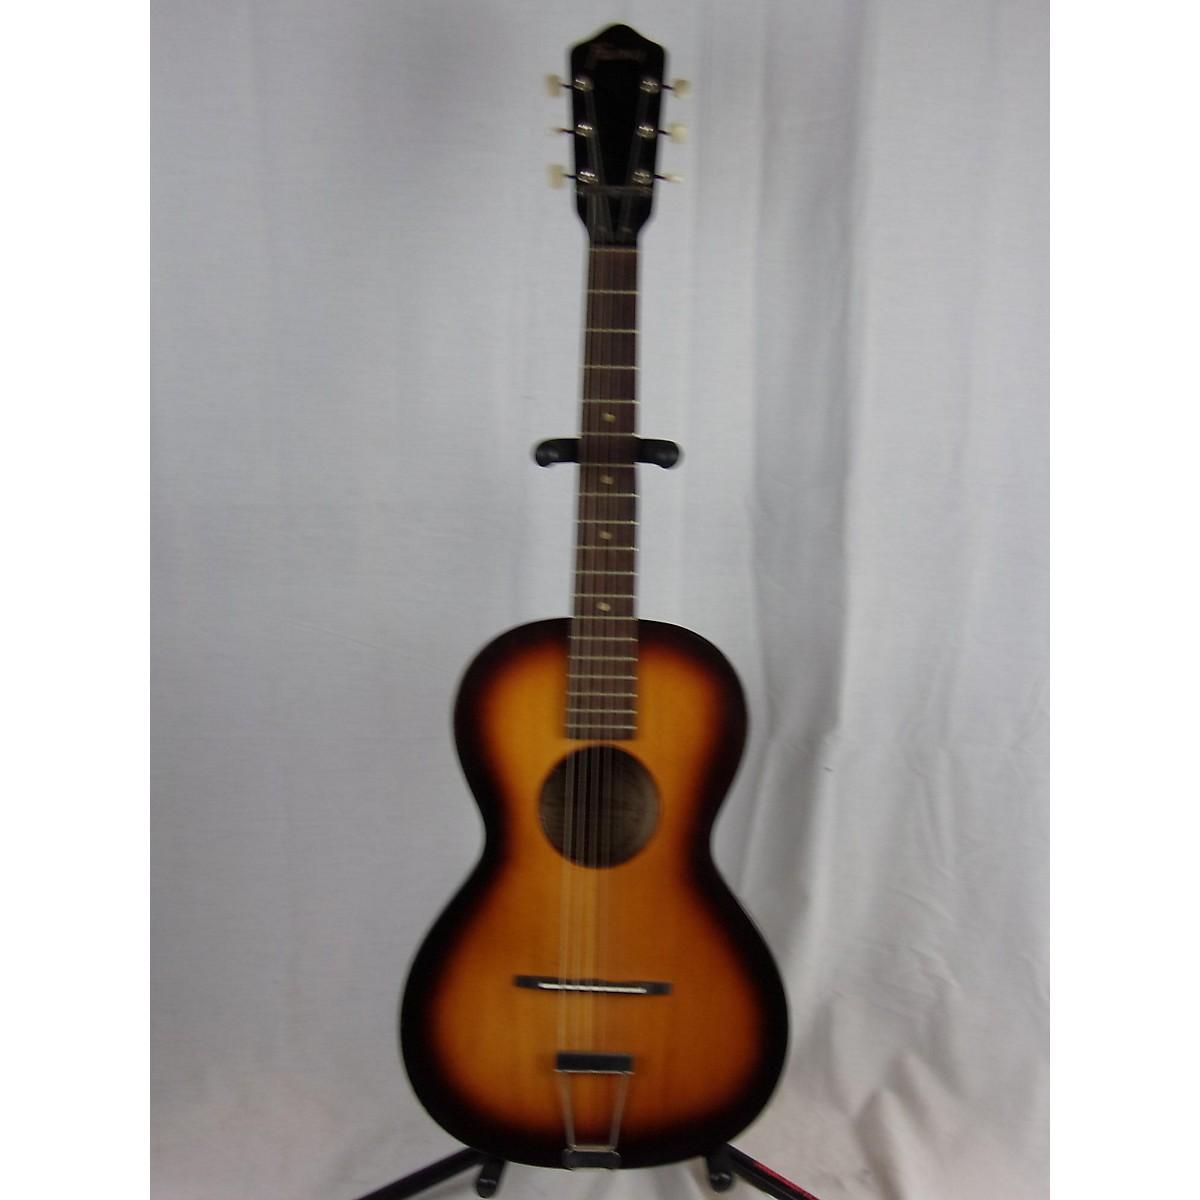 Framus 1970s 5001 Student Model Acoustic Guitar